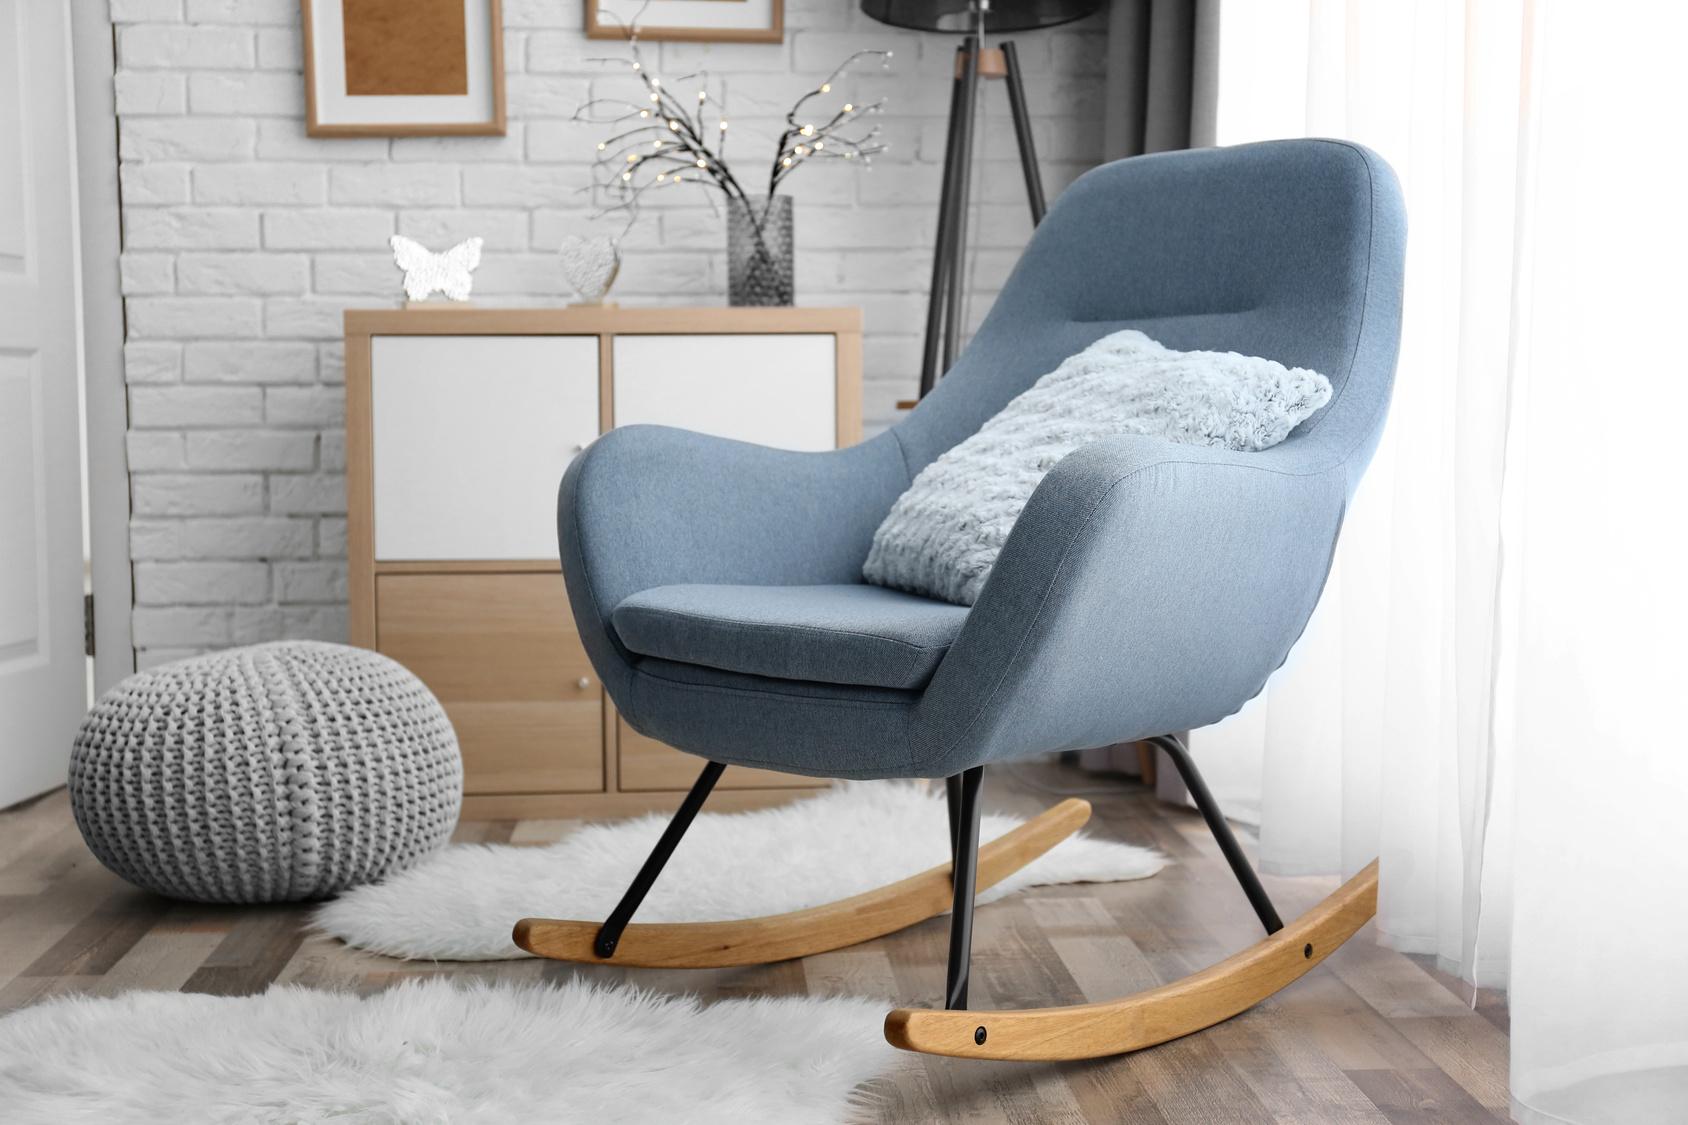 Sedia a dondolo tra design e fascino retr la stanza perdormire - Sedia a dondolo design ...